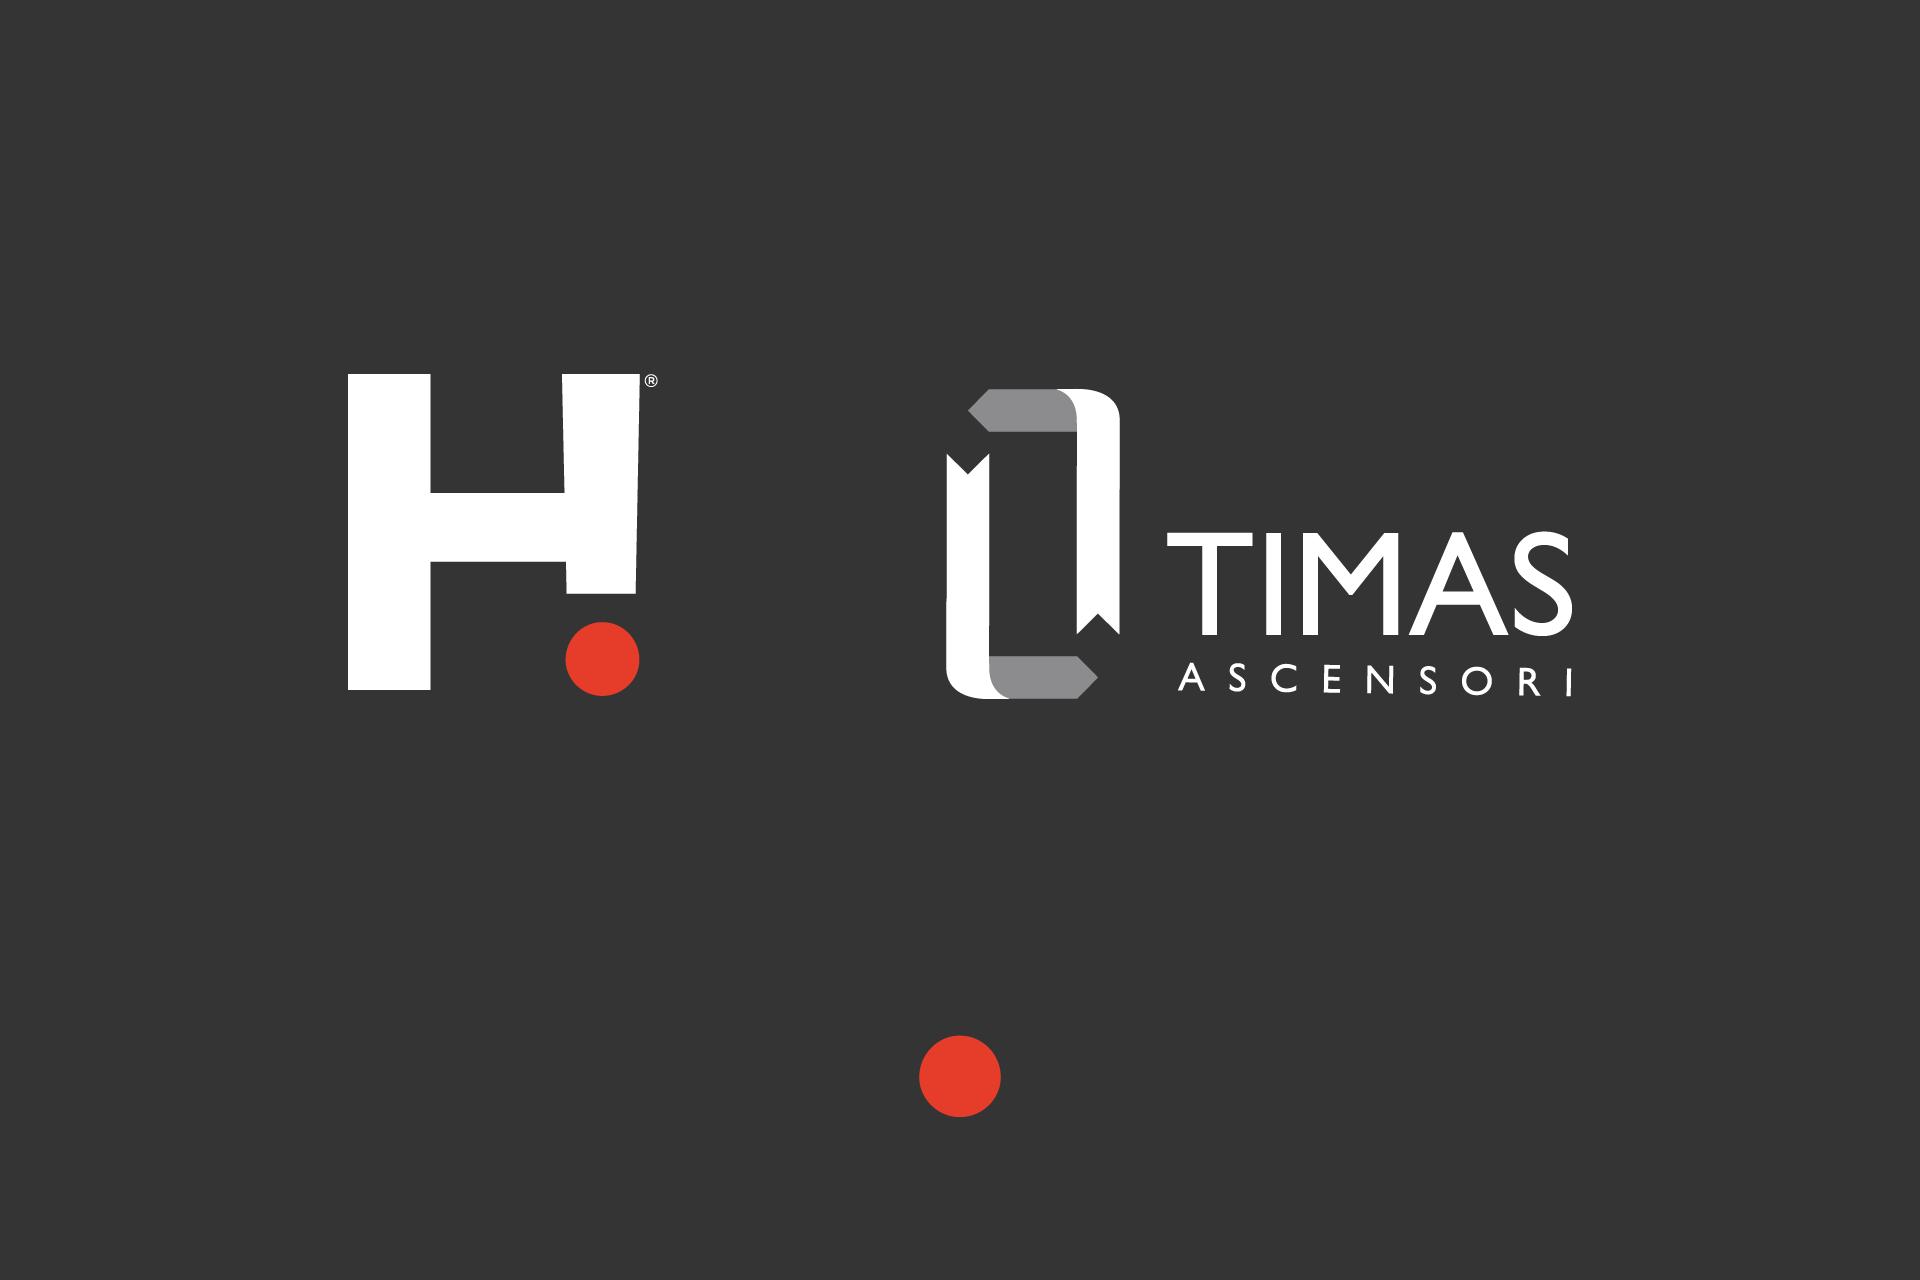 Partnership e strategia per la Timas Ascensori